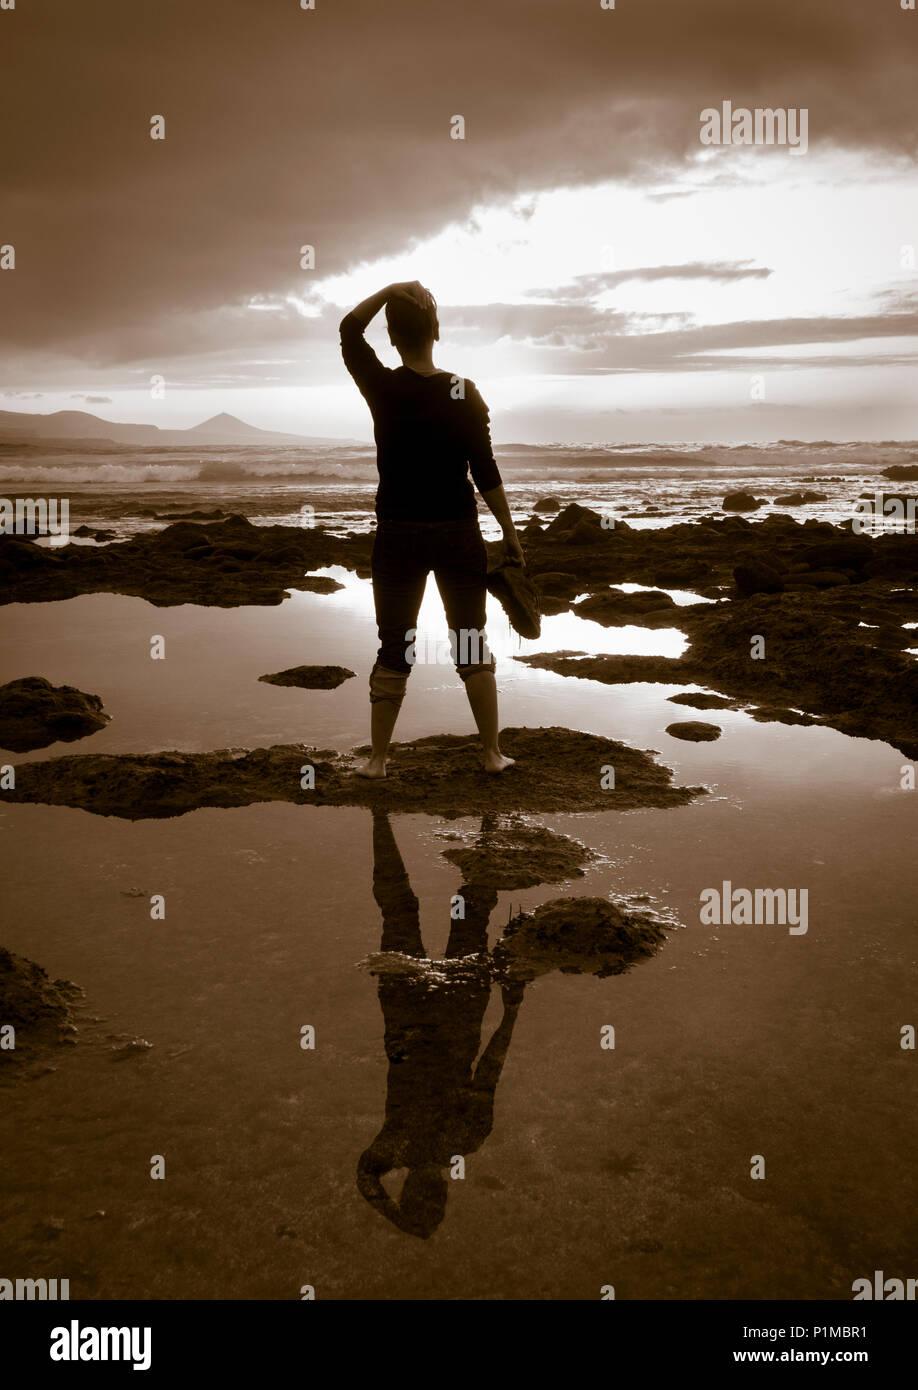 Vista posteriore della donna scarpe di contenimento che guarda al mare al tramonto: meditazione, salute mentale, la solitudine, la libertà, la depressione..Concetto di immagine Immagini Stock